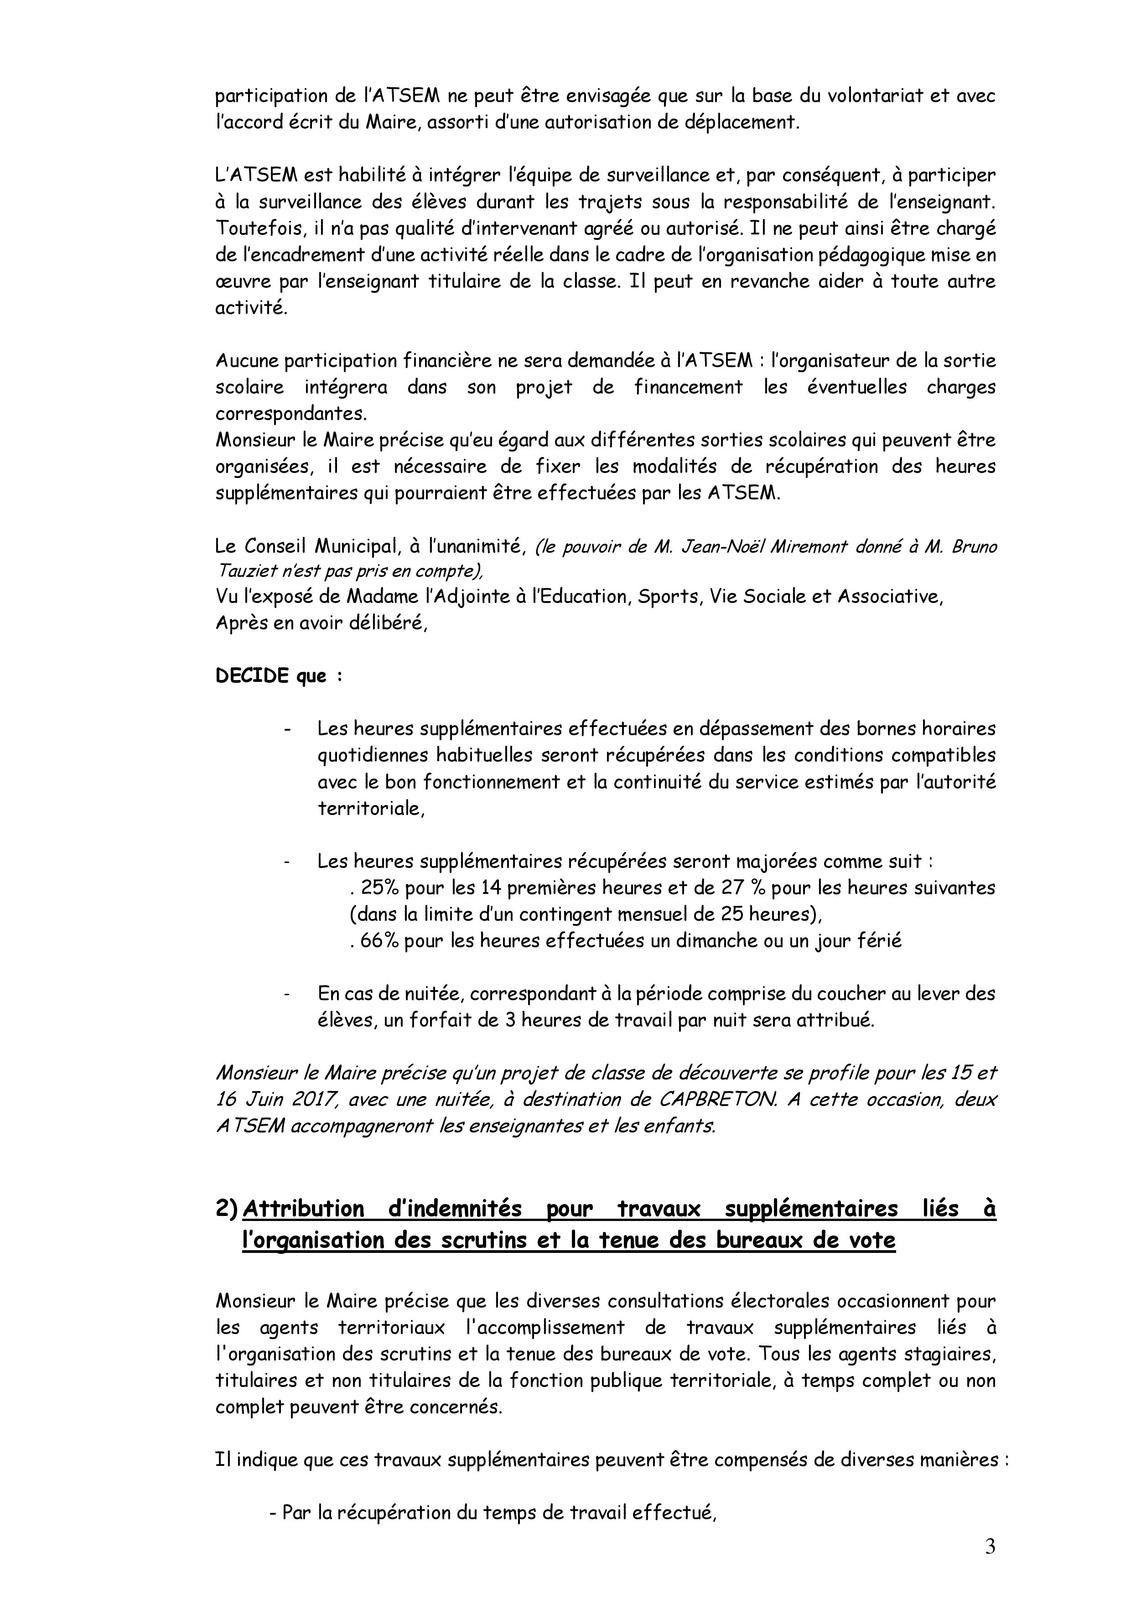 PV de la séance du Conseil Municipal du 26 avril 2017